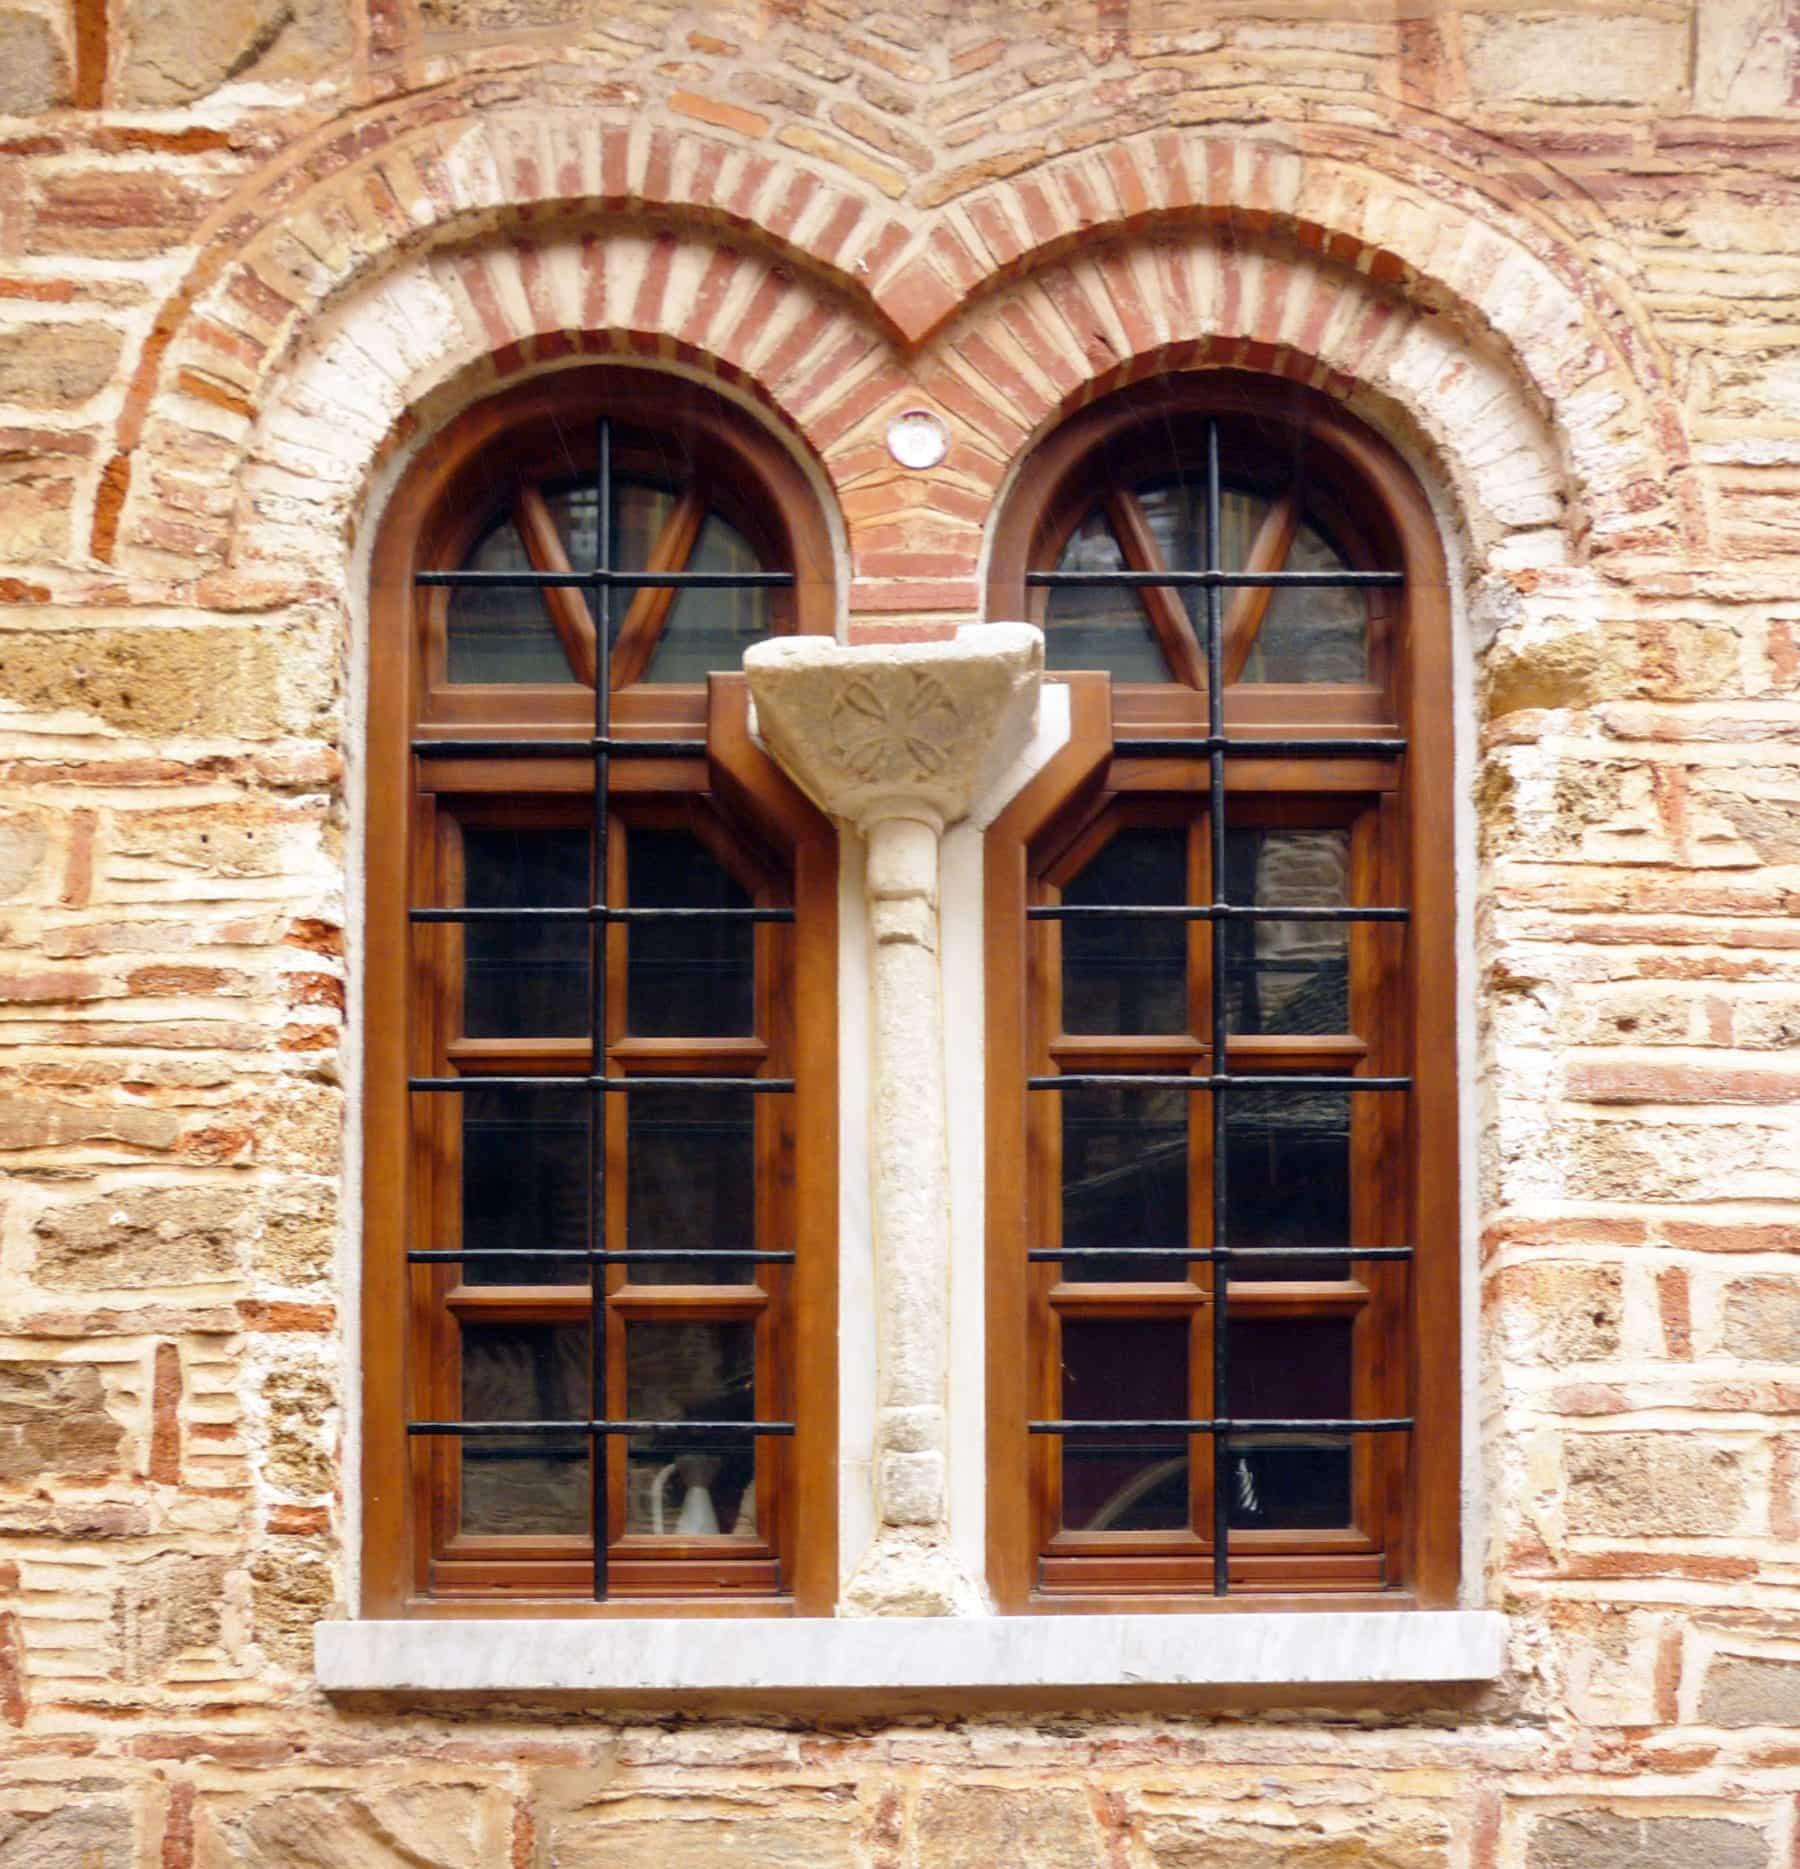 τοξωτά ξύλινα παράθυρα ακανόνιστου σχεδίου με καϊτια και σιδεριές